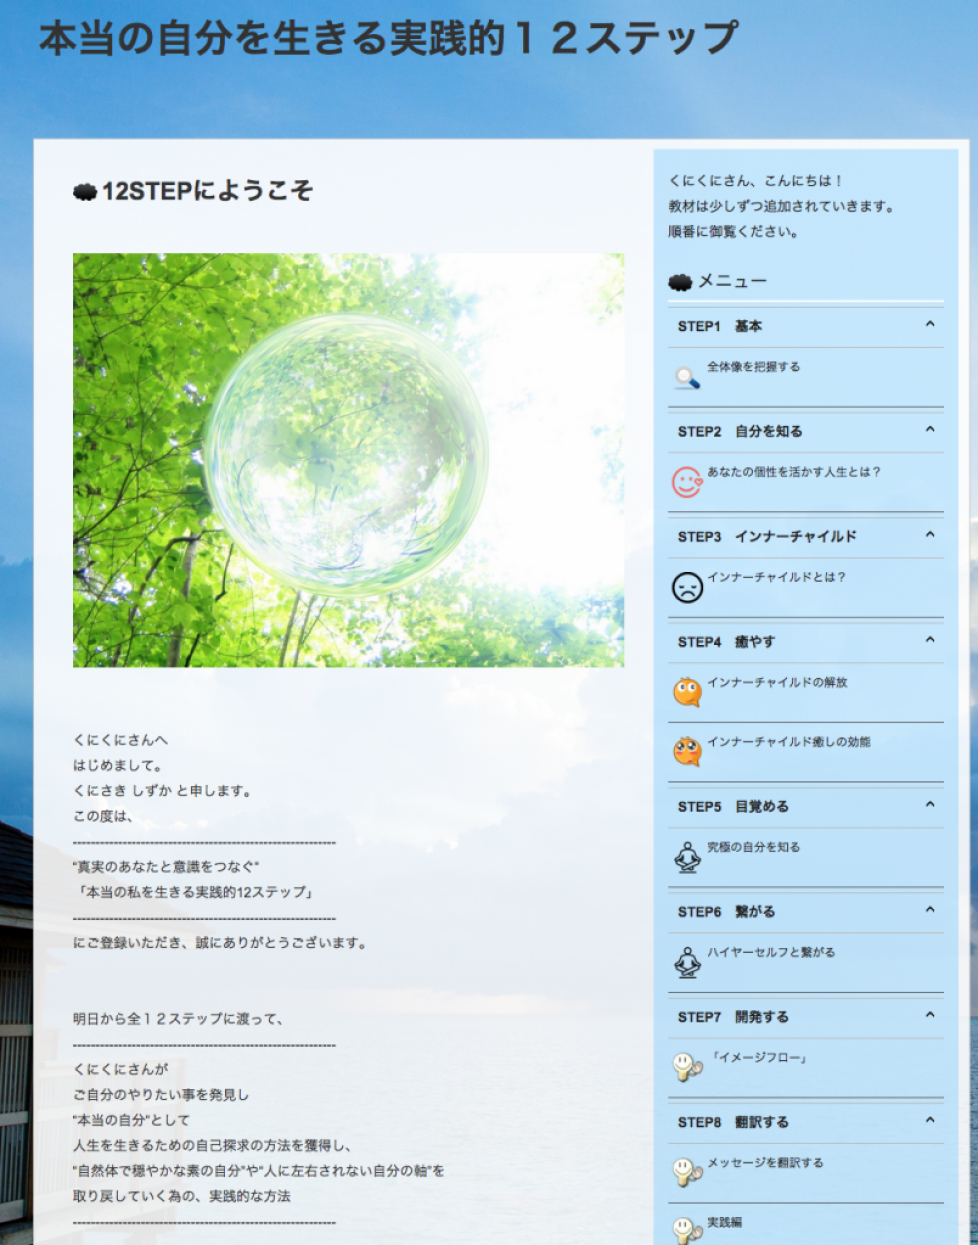 スクリーンショット 2015-10-01 18.00.25